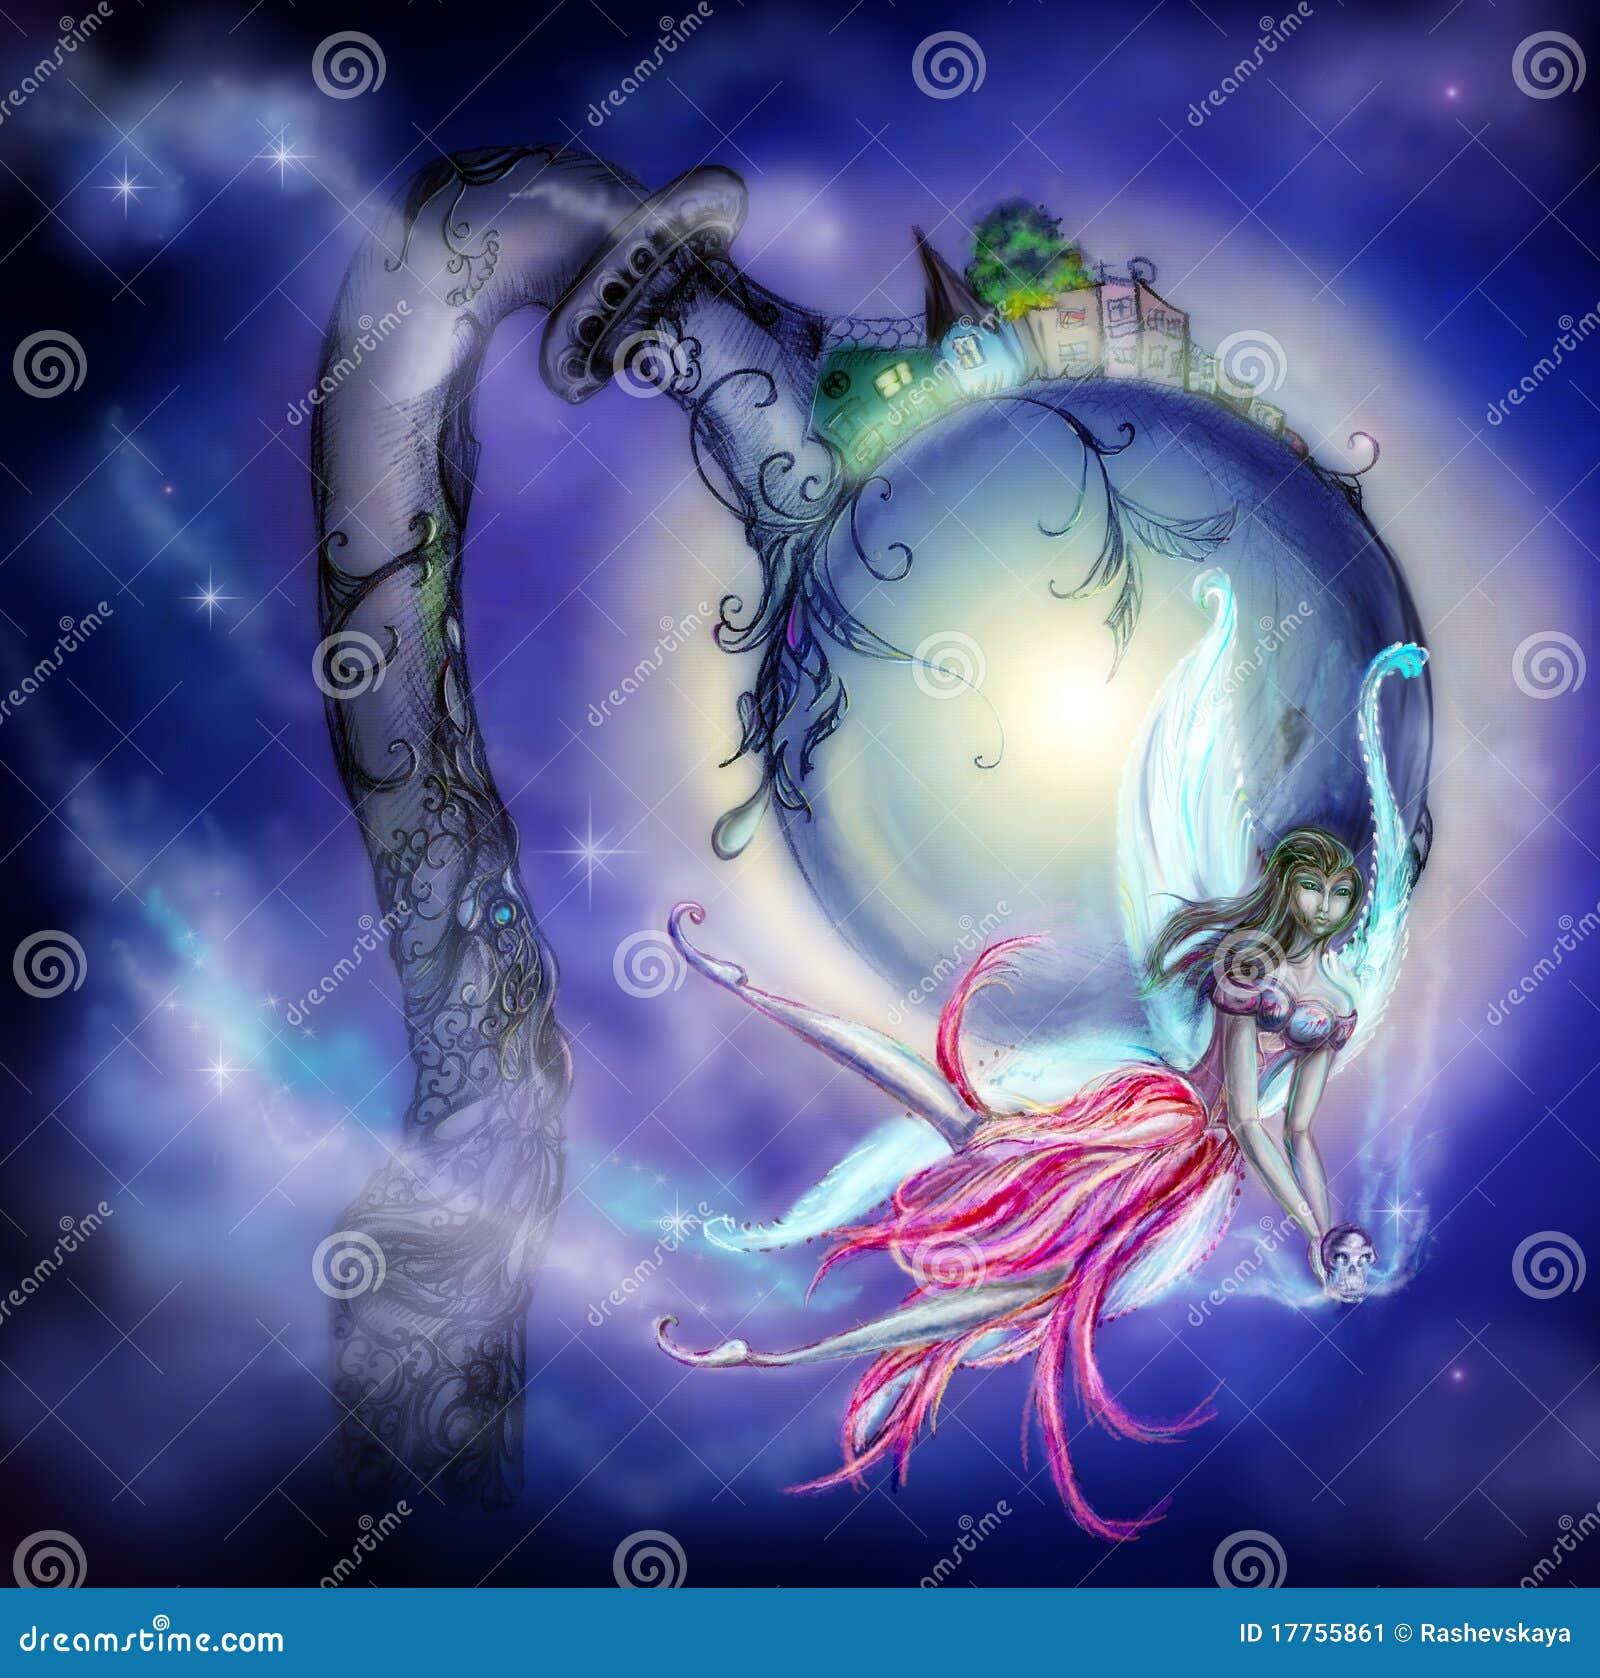 Fairy com um crânio em suas mãos